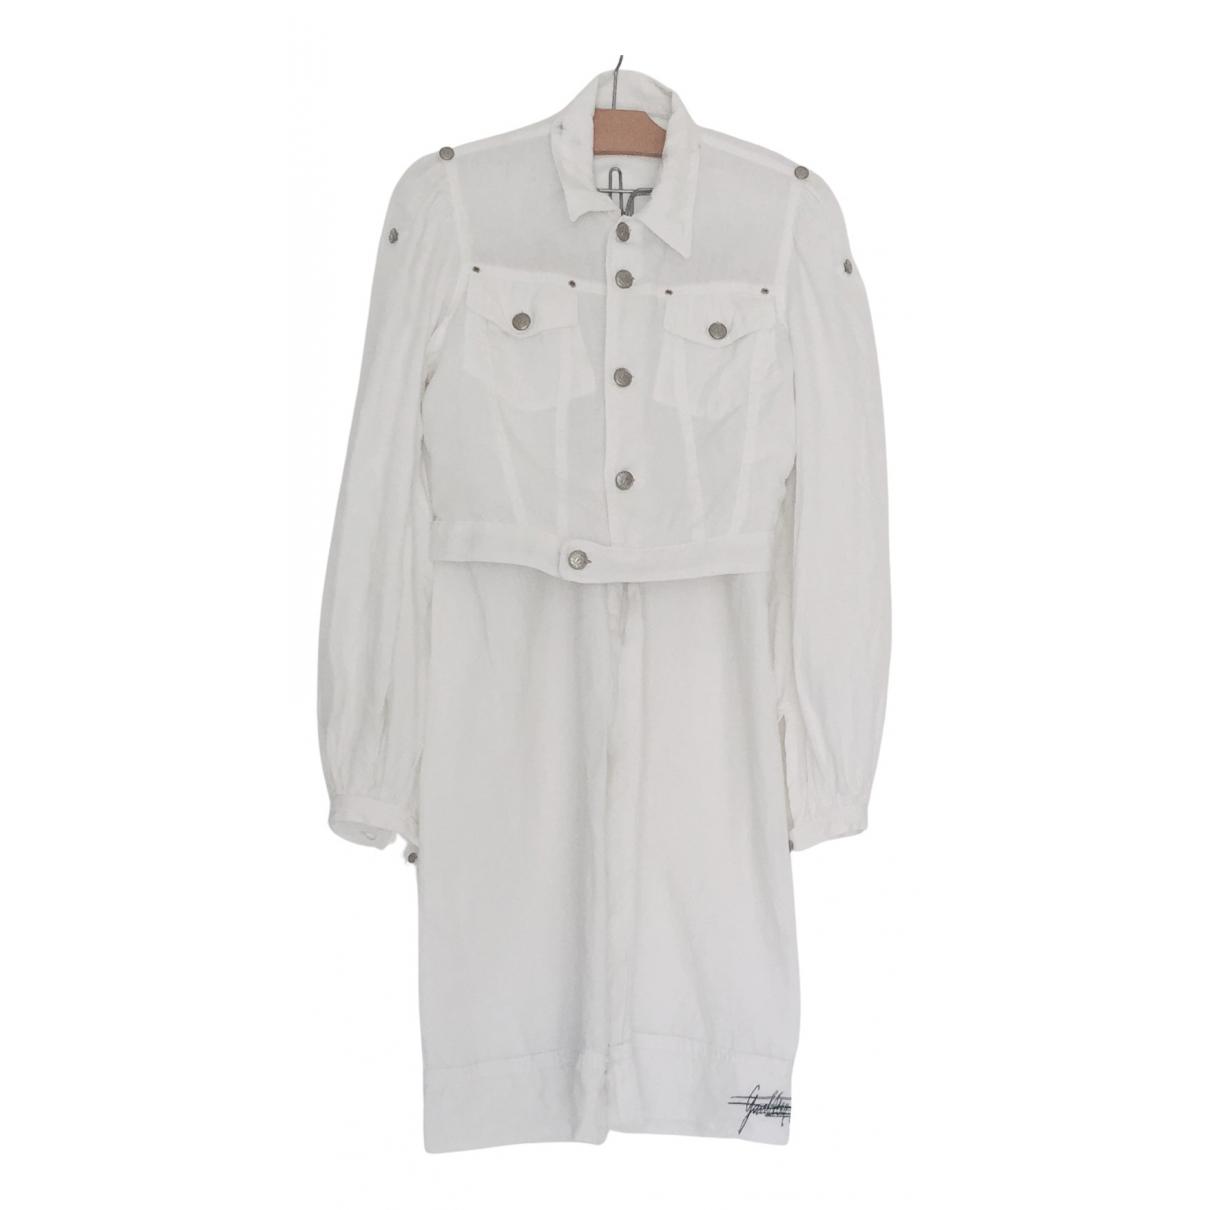 Jean Paul Gaultier - Veste   pour femme en lin - blanc